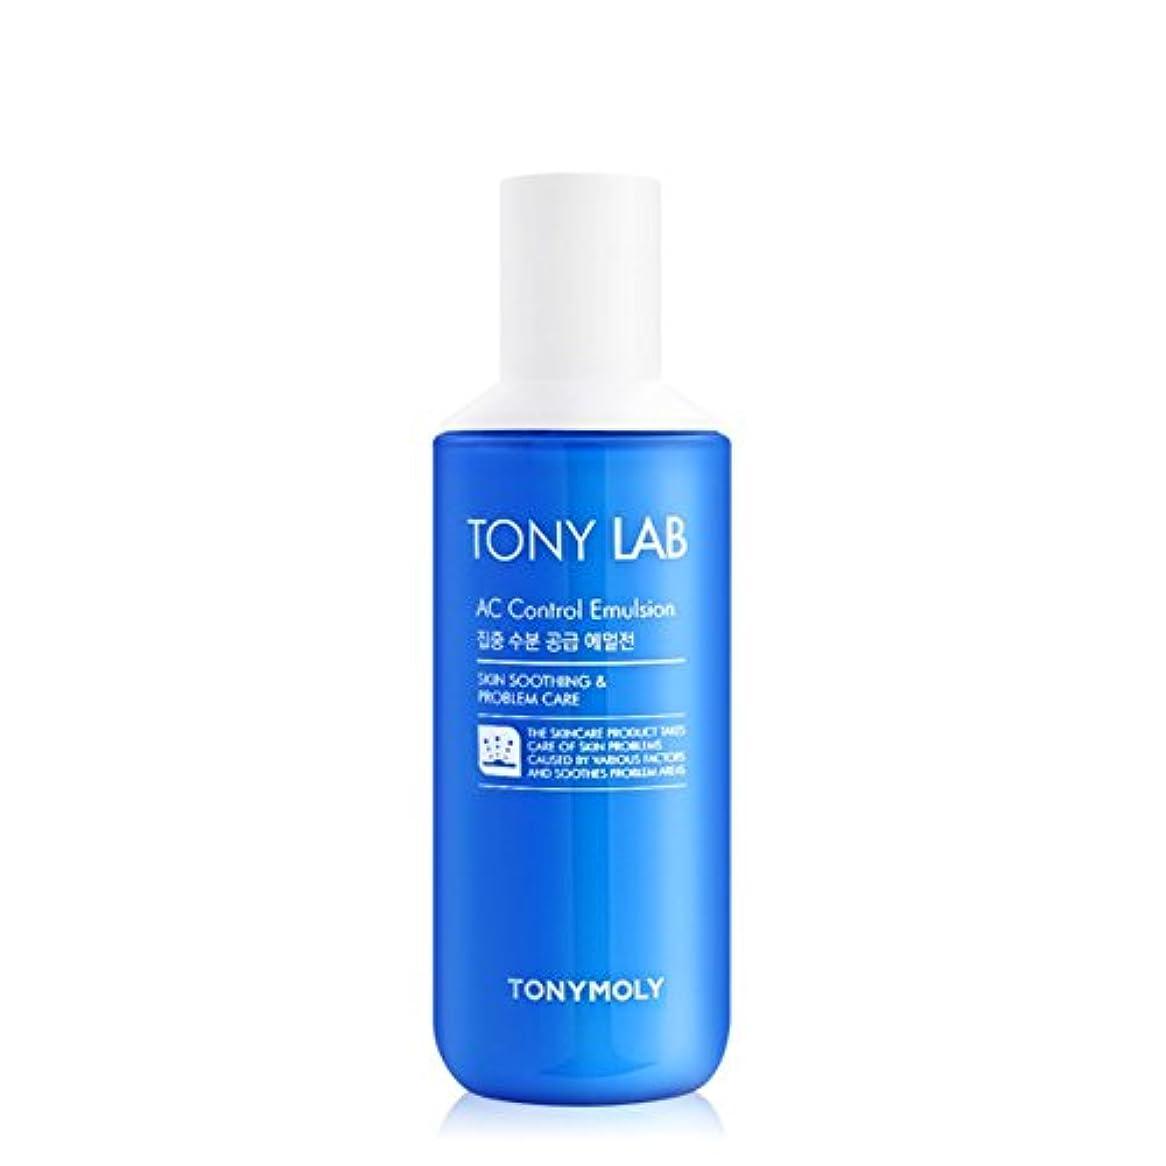 遵守する哺乳類価格[2016 New] TONYMOLY Tony Lab AC Control Emulsion 160ml/トニーモリー トニー ラボ AC コントロール エマルジョン 160ml [並行輸入品]